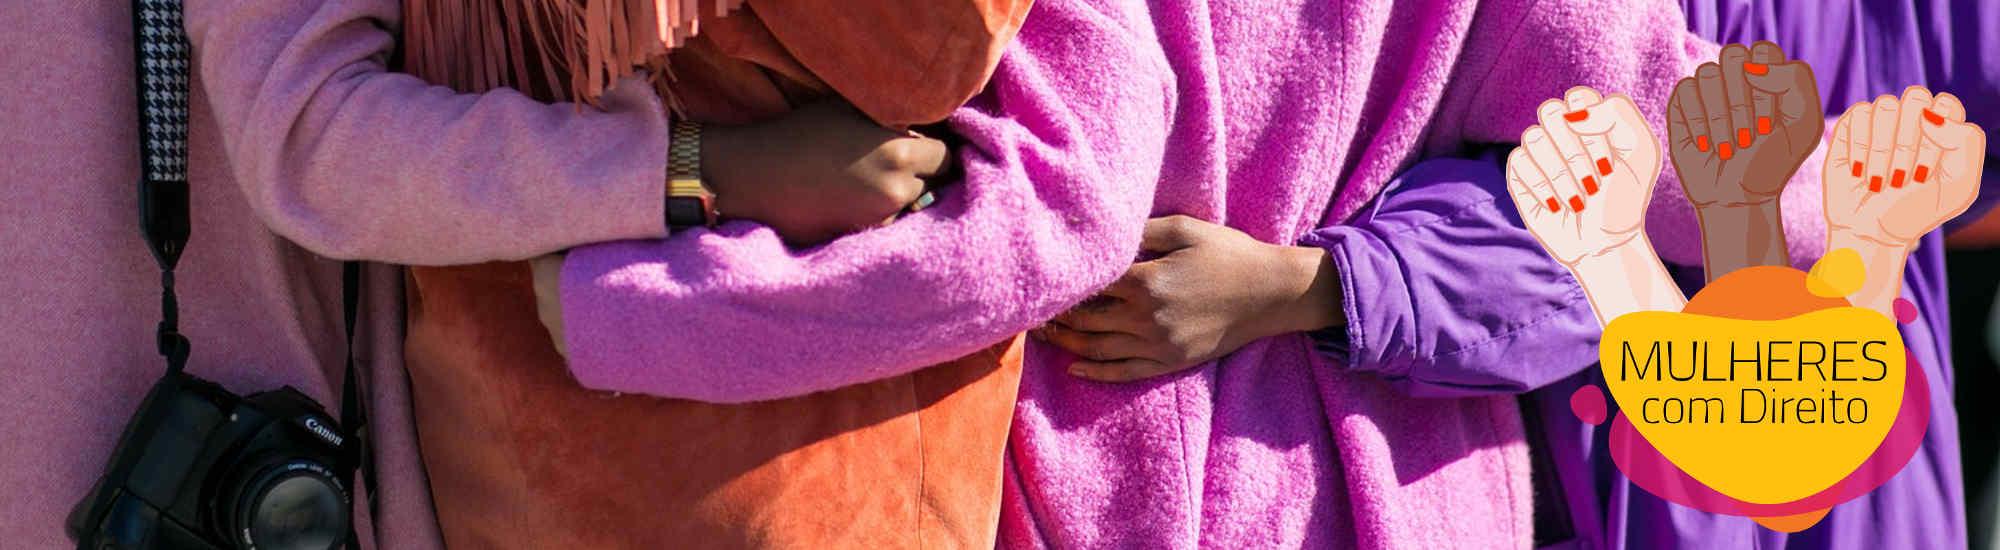 Pilares do empoderamento feminino pautam 6º Encontro Mulheres com Direito